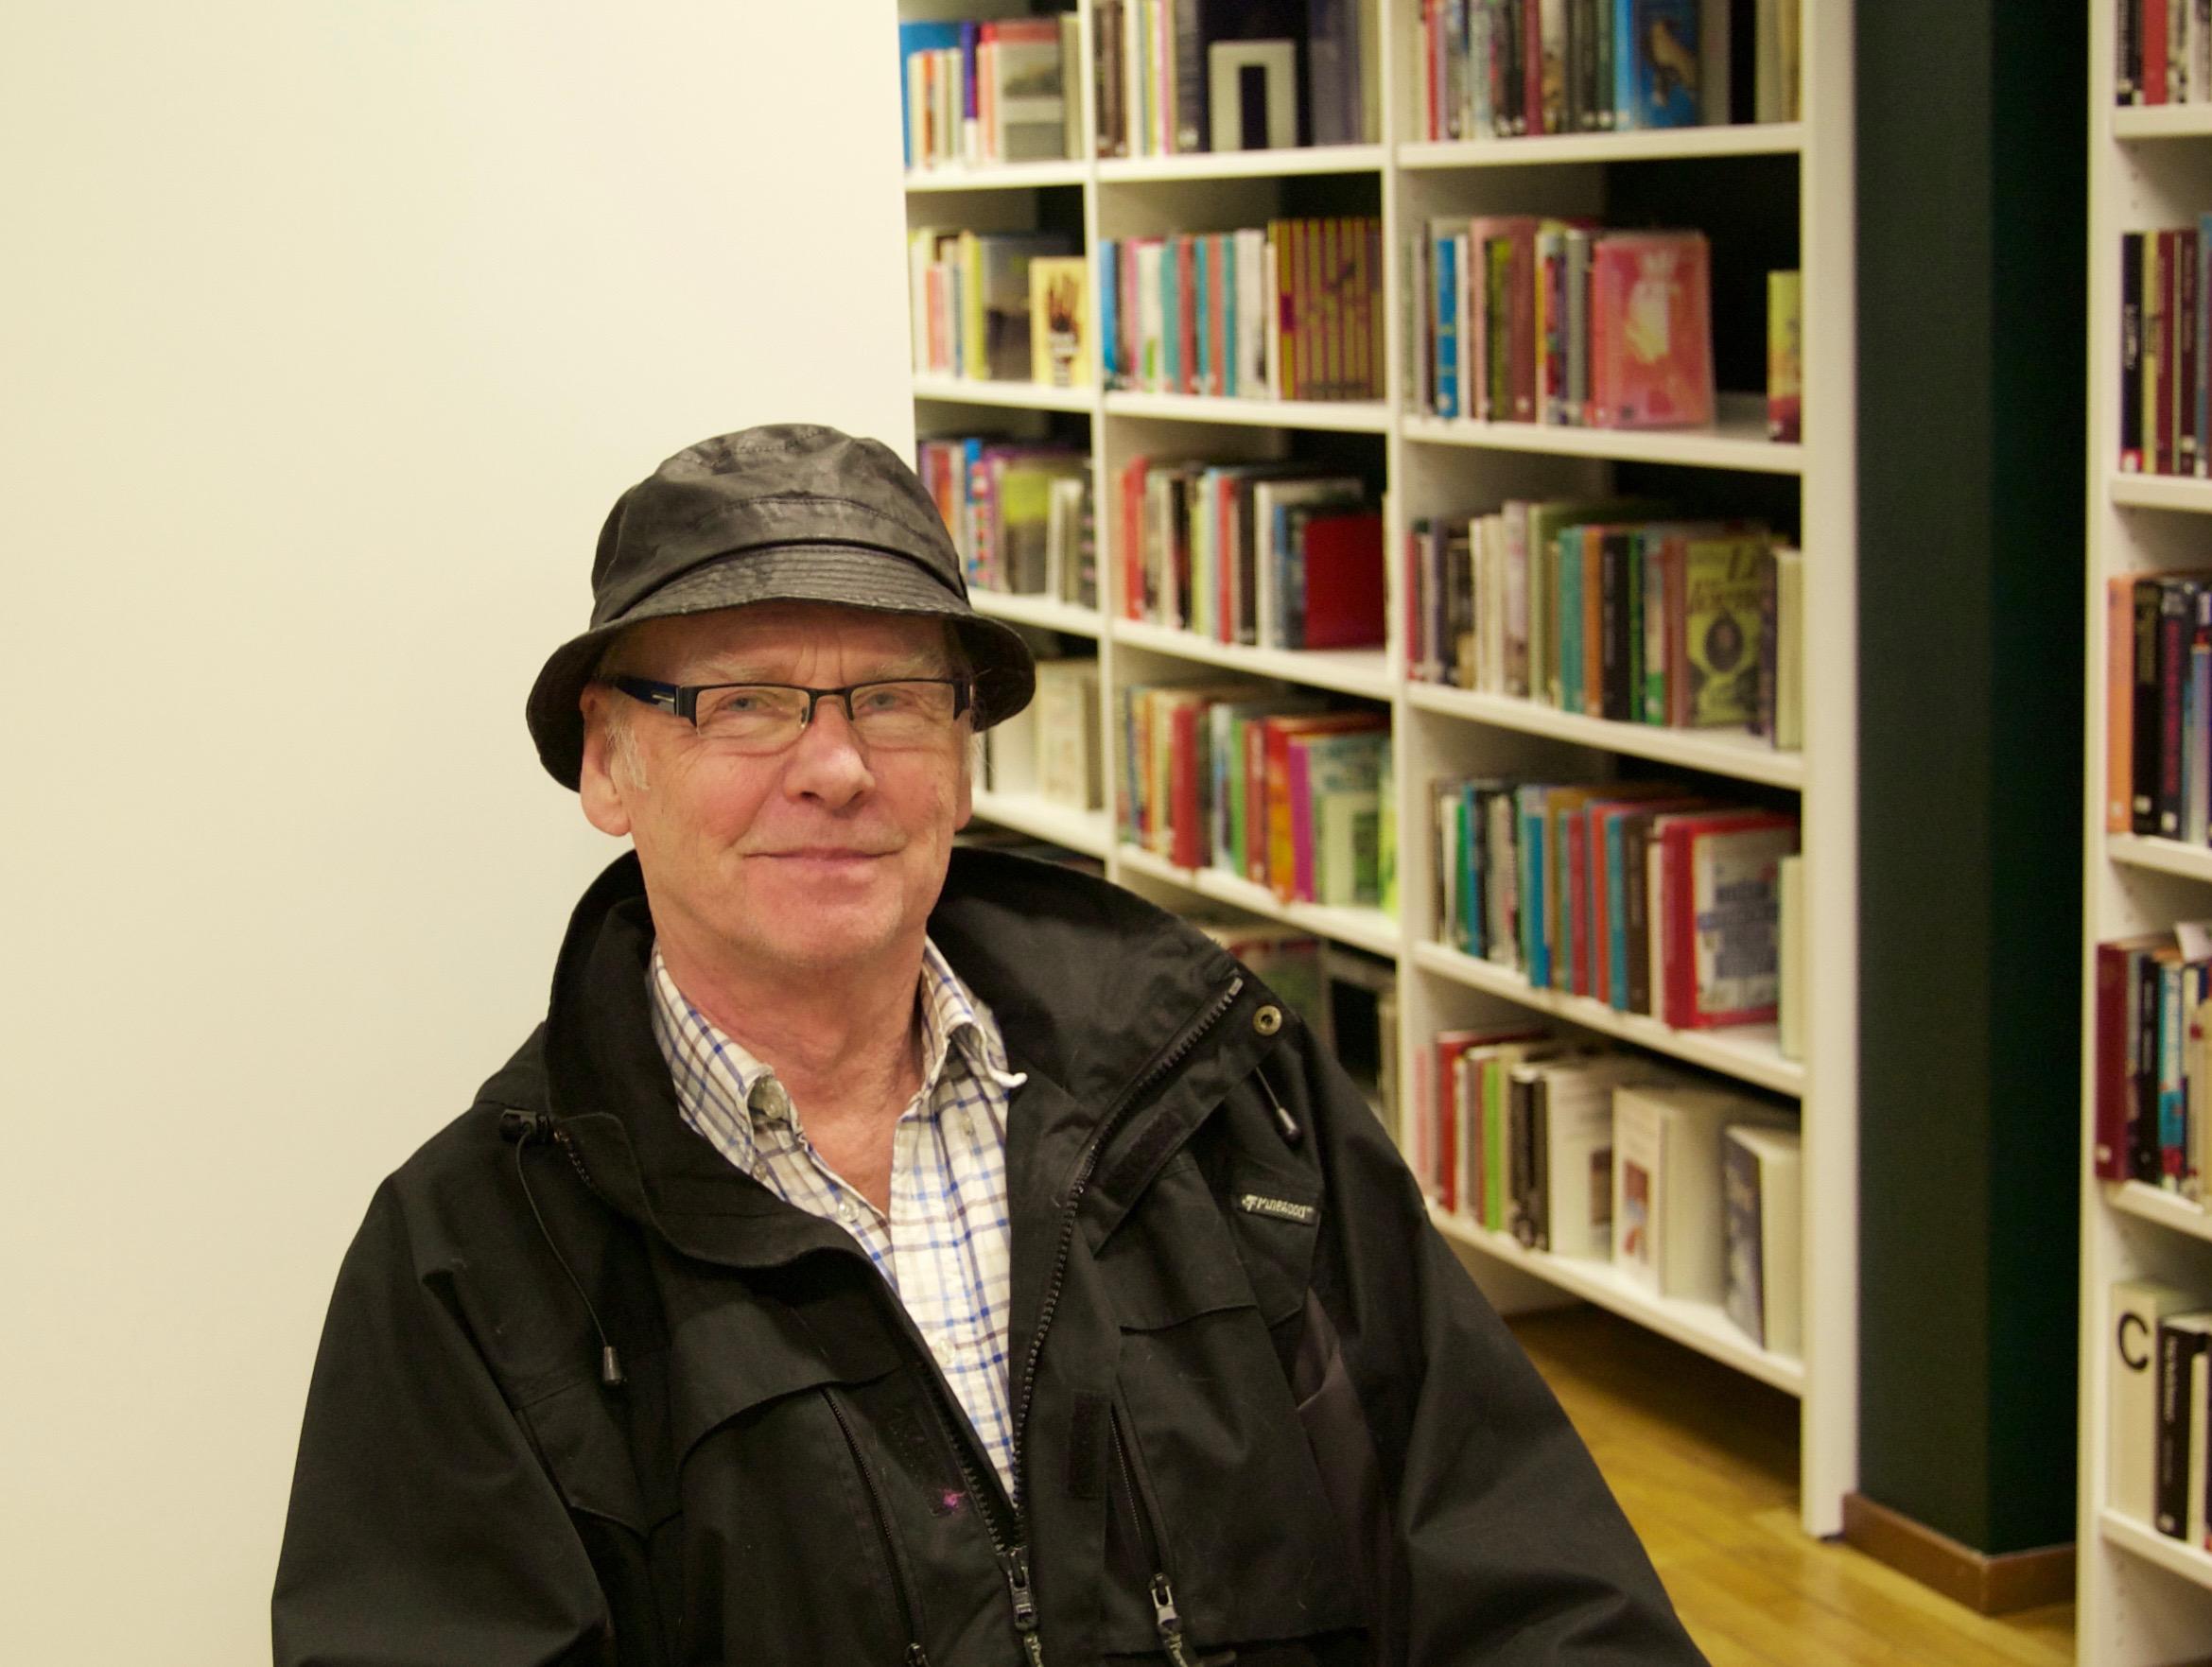 Det var ren tur att Gunnar Rasmussen läste om juristjouren i tidningen. Foto: Lenke Morath